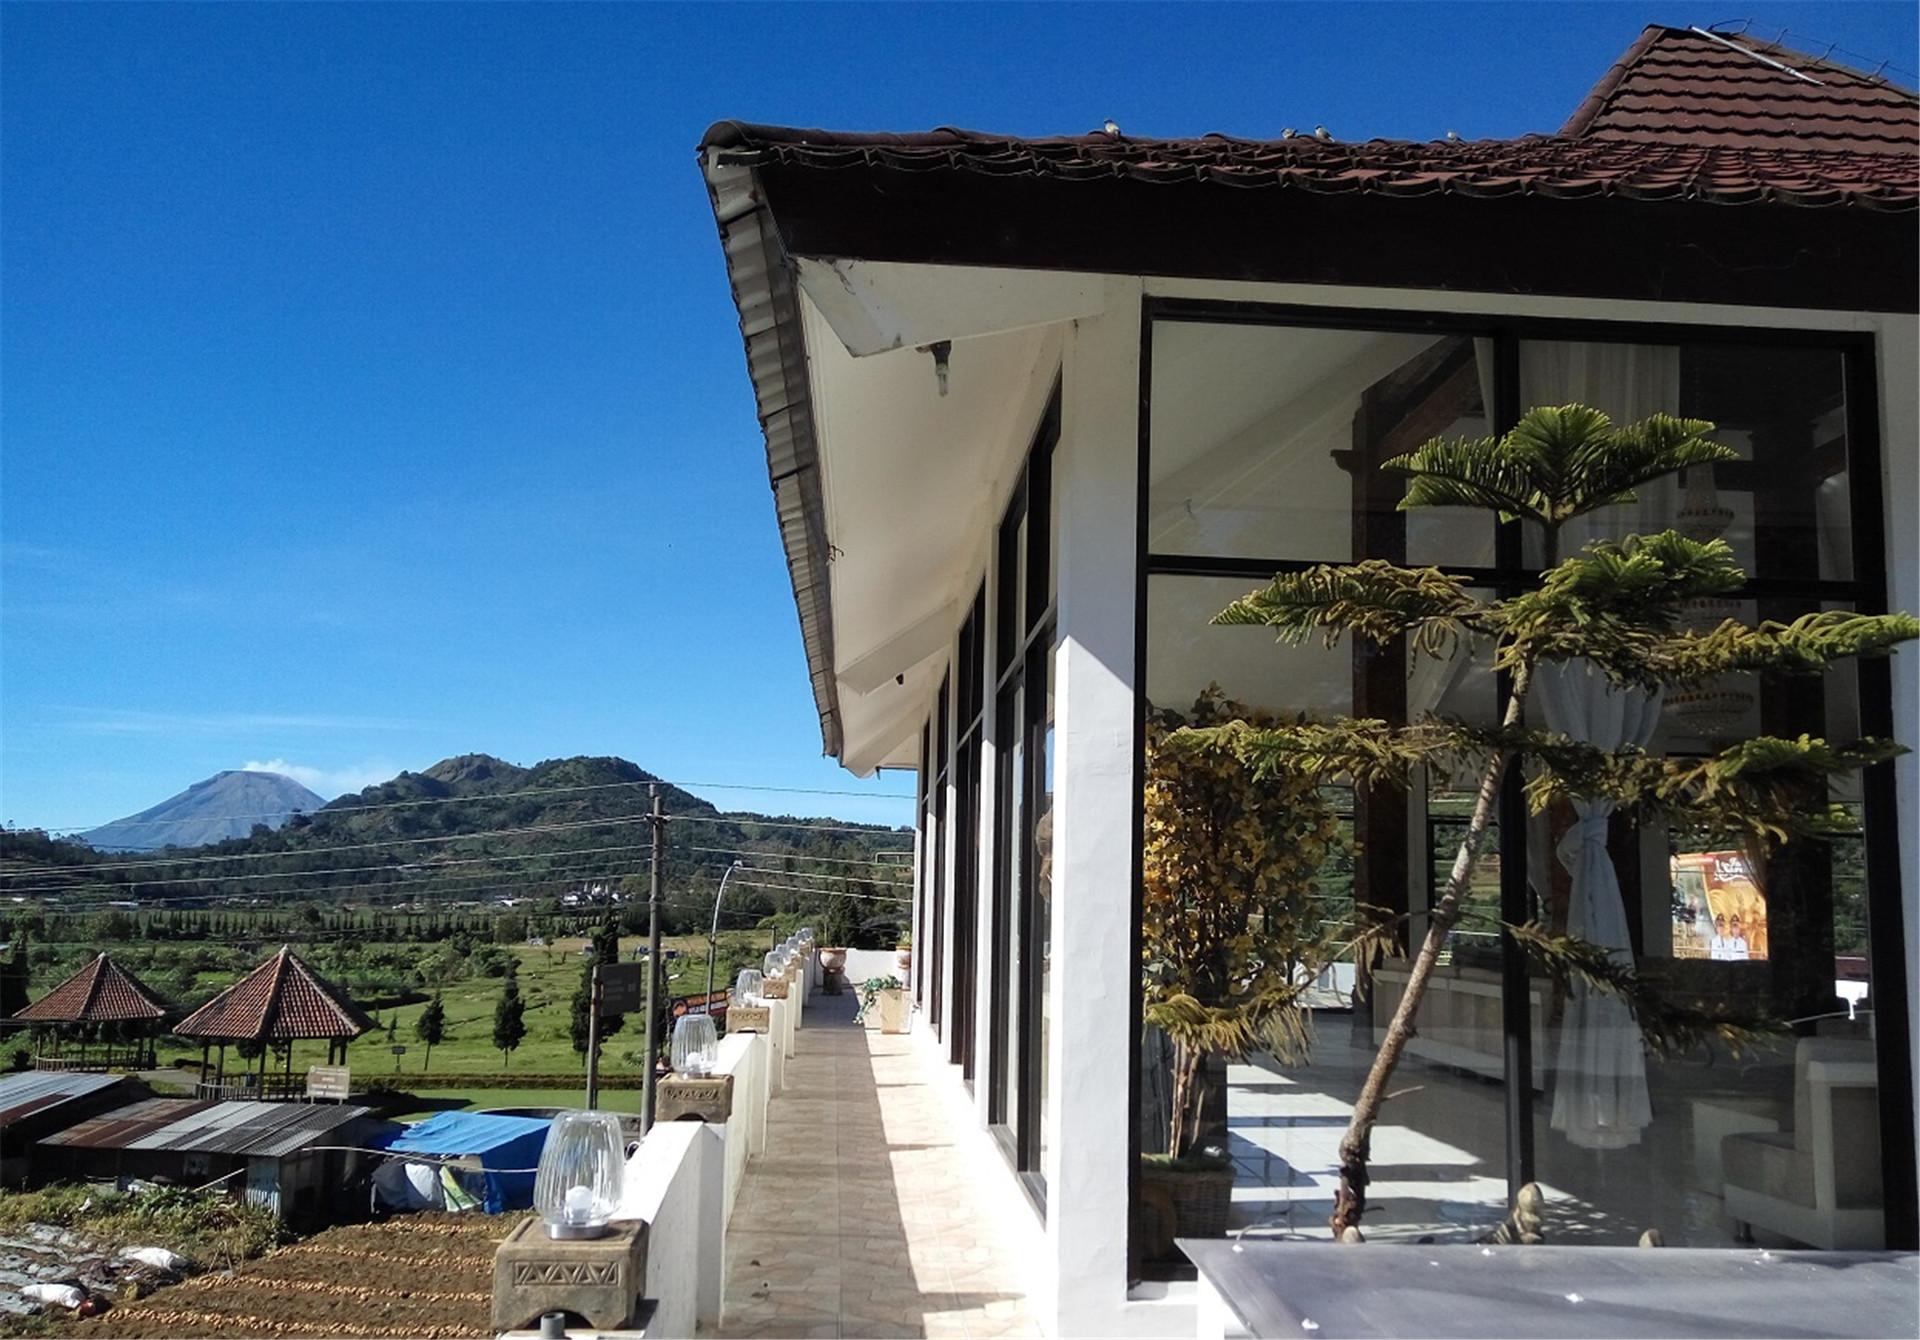 Tani Jiwo Hostel